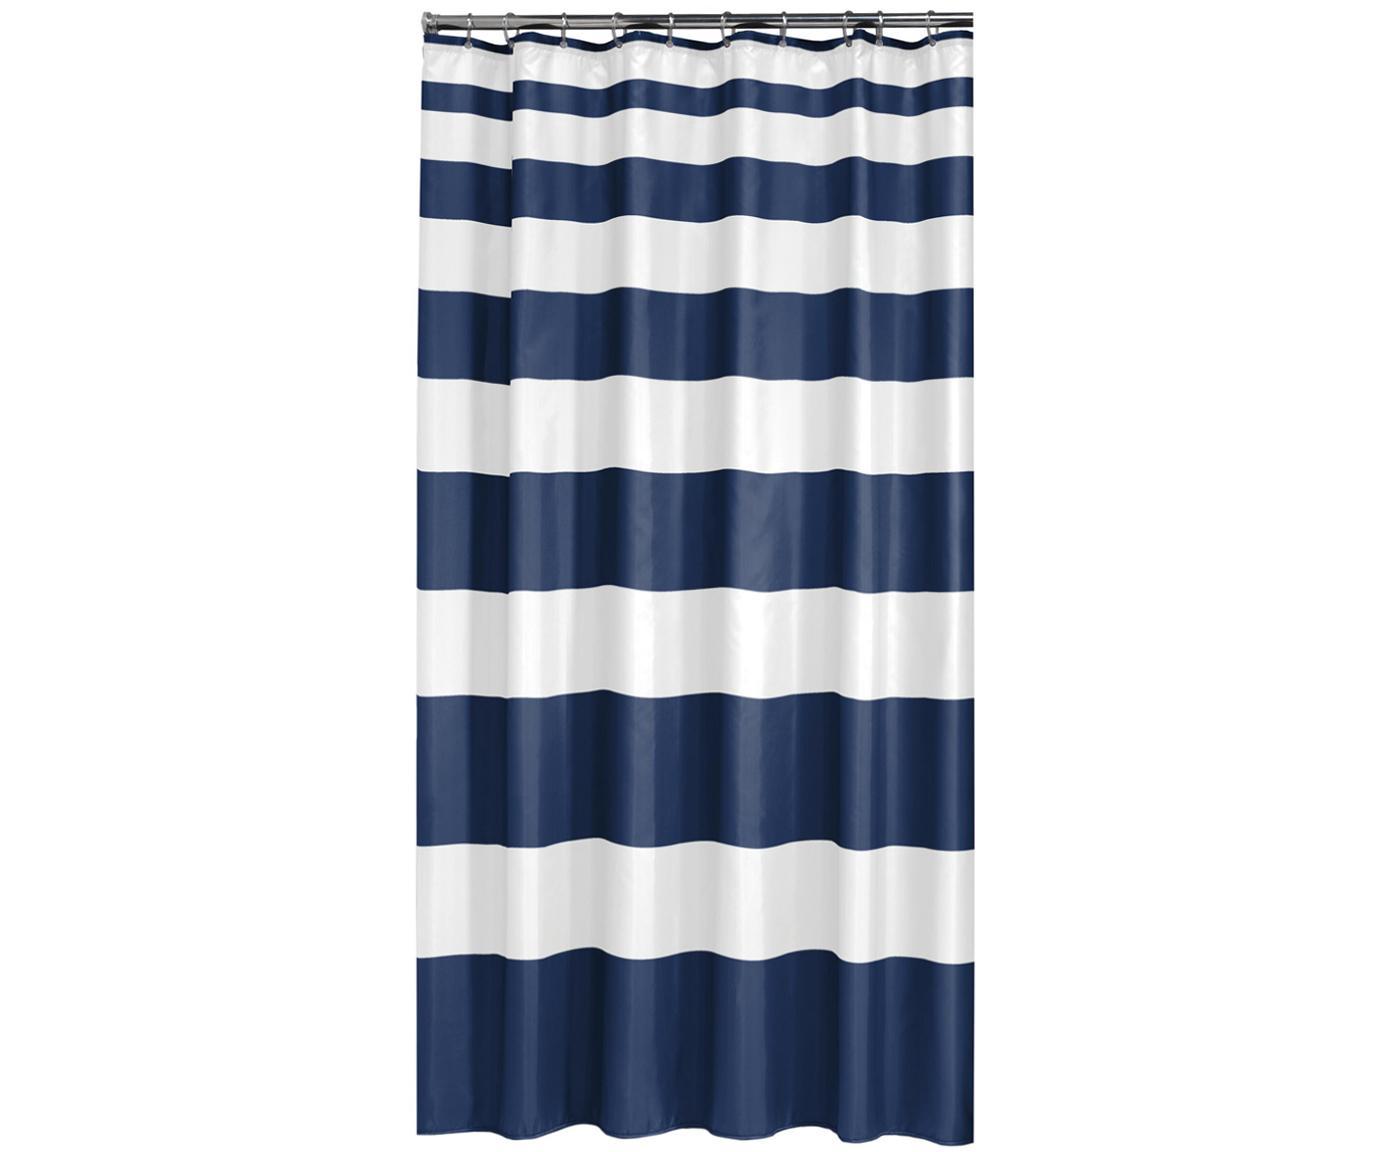 Zasłona prysznicowa Nautica, Poliester Produkt odporny na wilgoć, niewodoodporny, Niebieski, biały, S 180 x D 200 cm